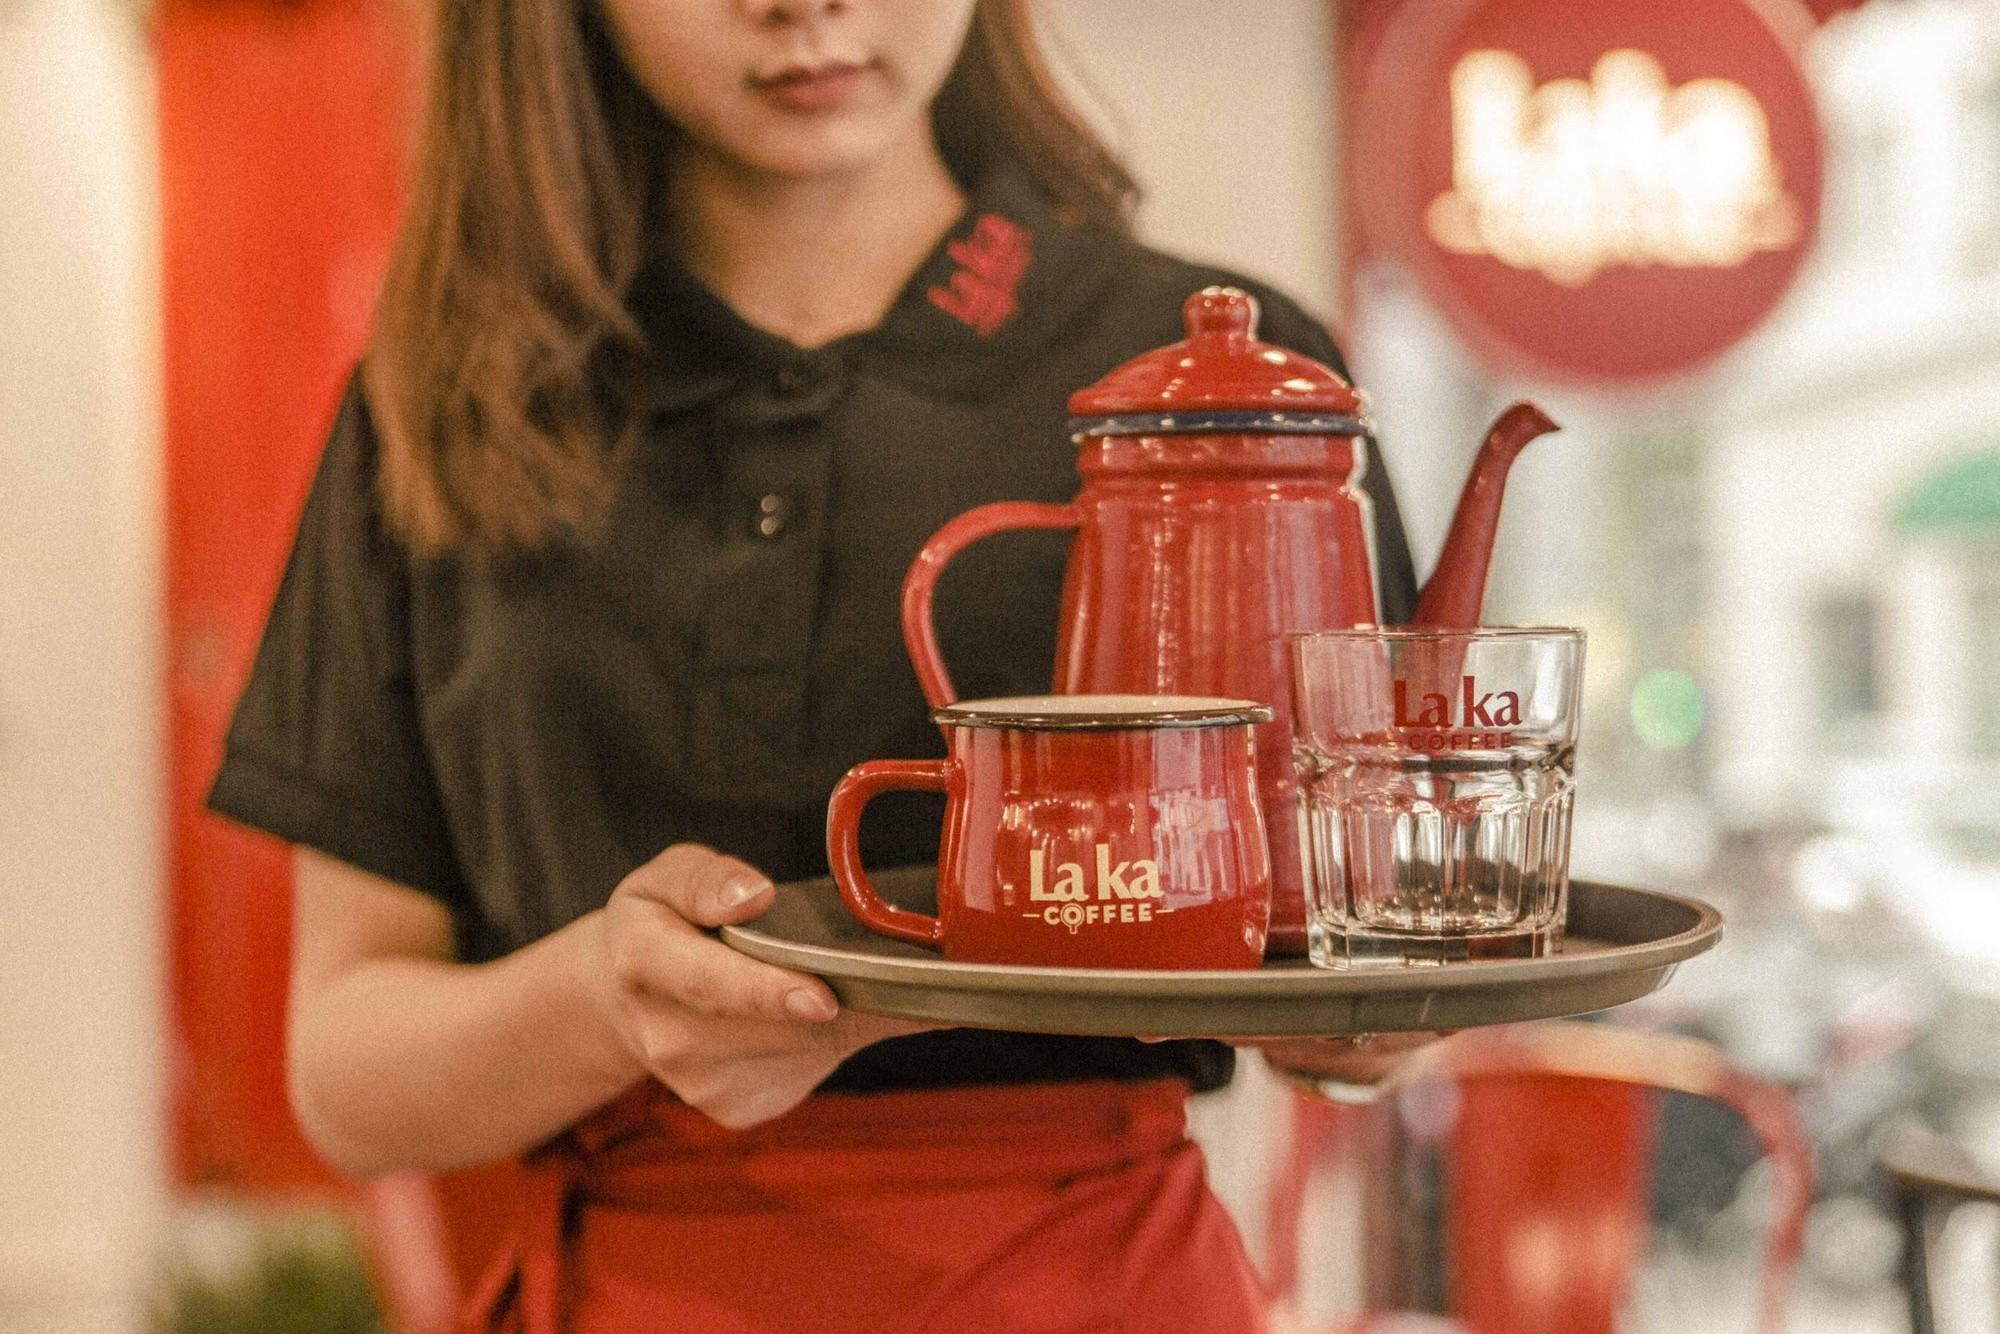 Quán cà phê đỏ rực như Paris tại Hà Nội mà bạn nhất định phải check-in dịp Tết này - Ảnh 6.